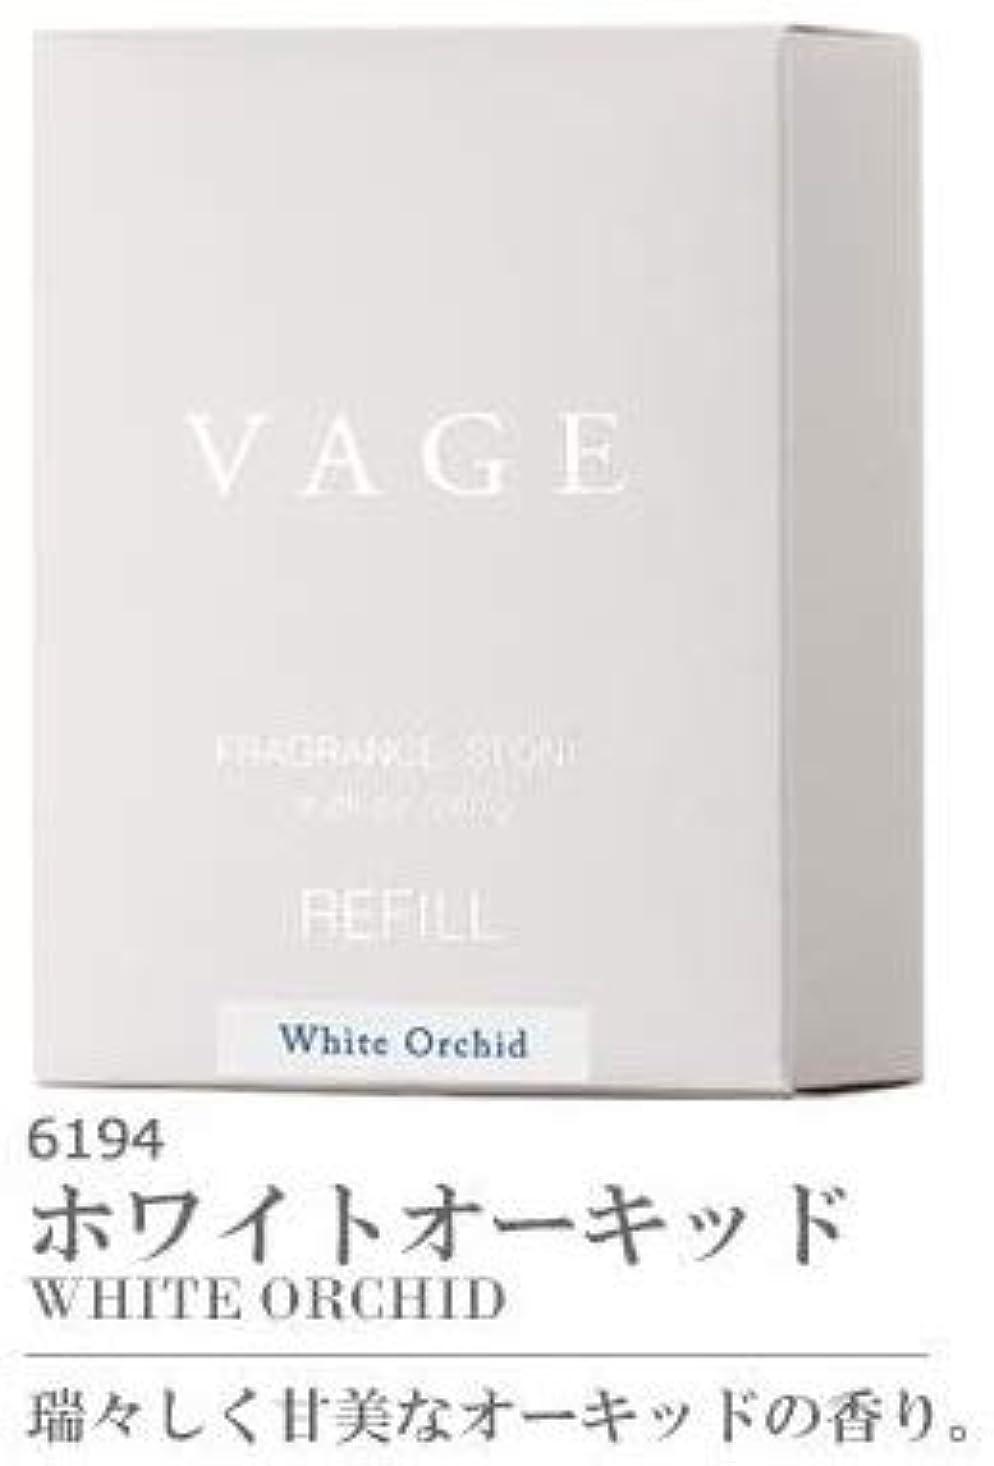 スケッチプロペラ保存するVAGE(バーグ) フレグランスストーン リフィル ルームフレグランス 260g×2個セット ホワイトオーキッド?6194【人気 おすすめ 】